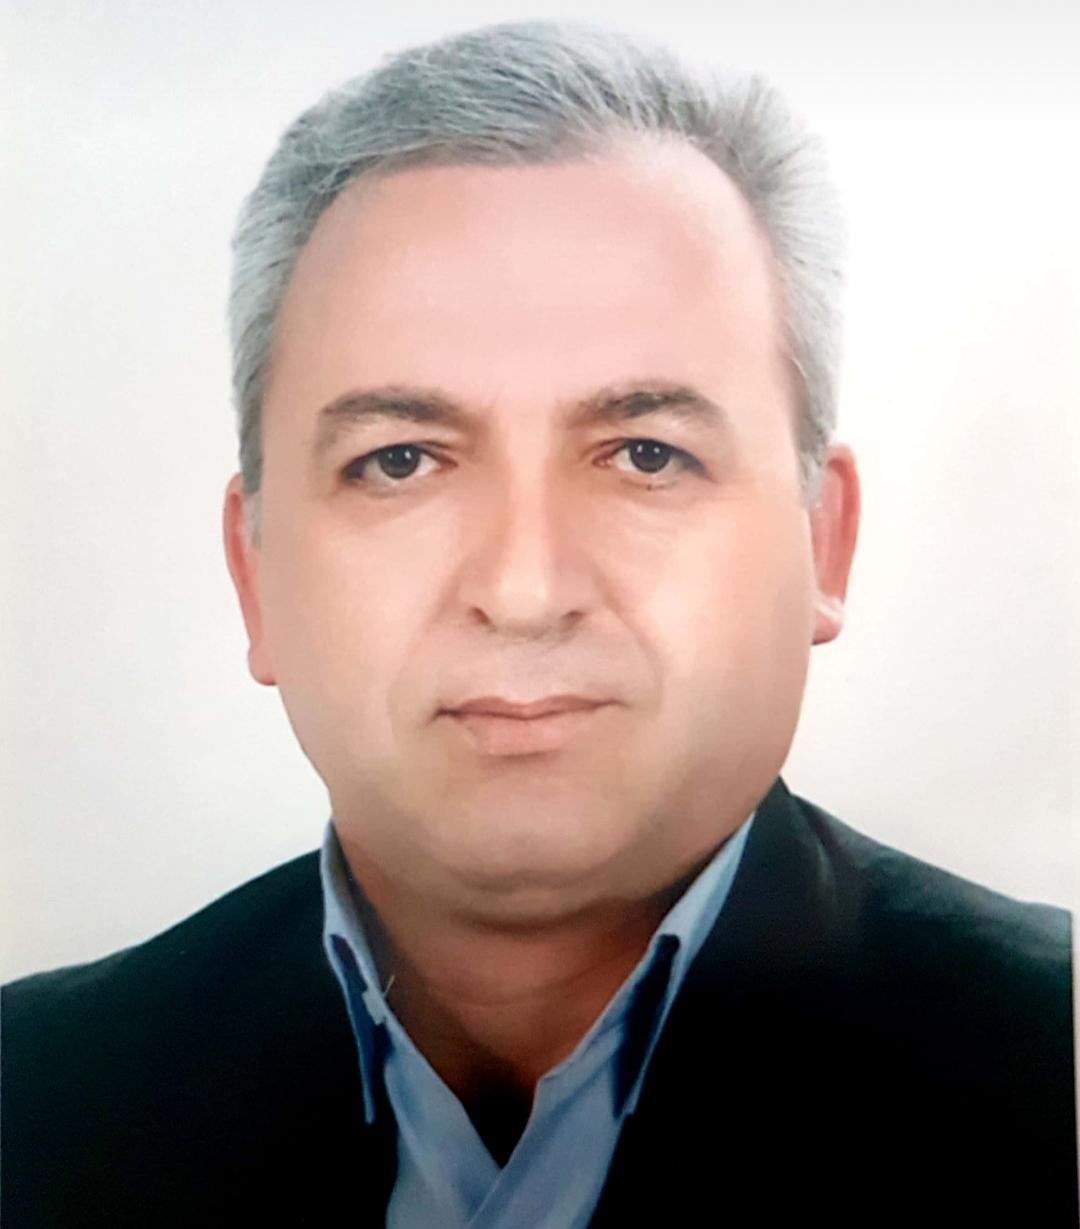 انتصاب یعقوب نامی به سمت معاون عمرانی شهرداری کلانشهر تبریز